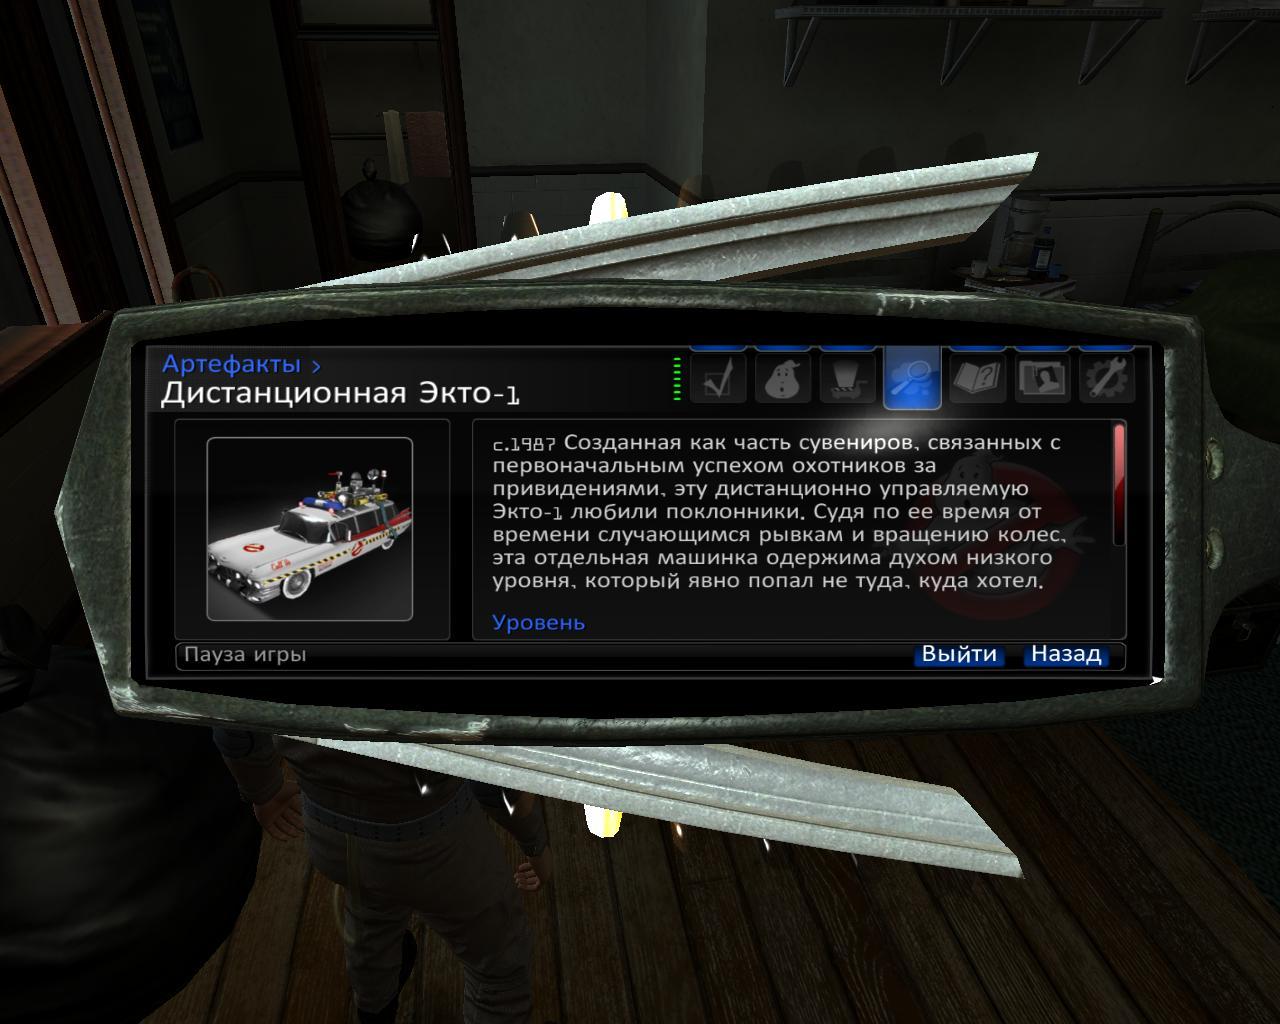 Безымянный.jpg - Ghostbusters: The Video Game